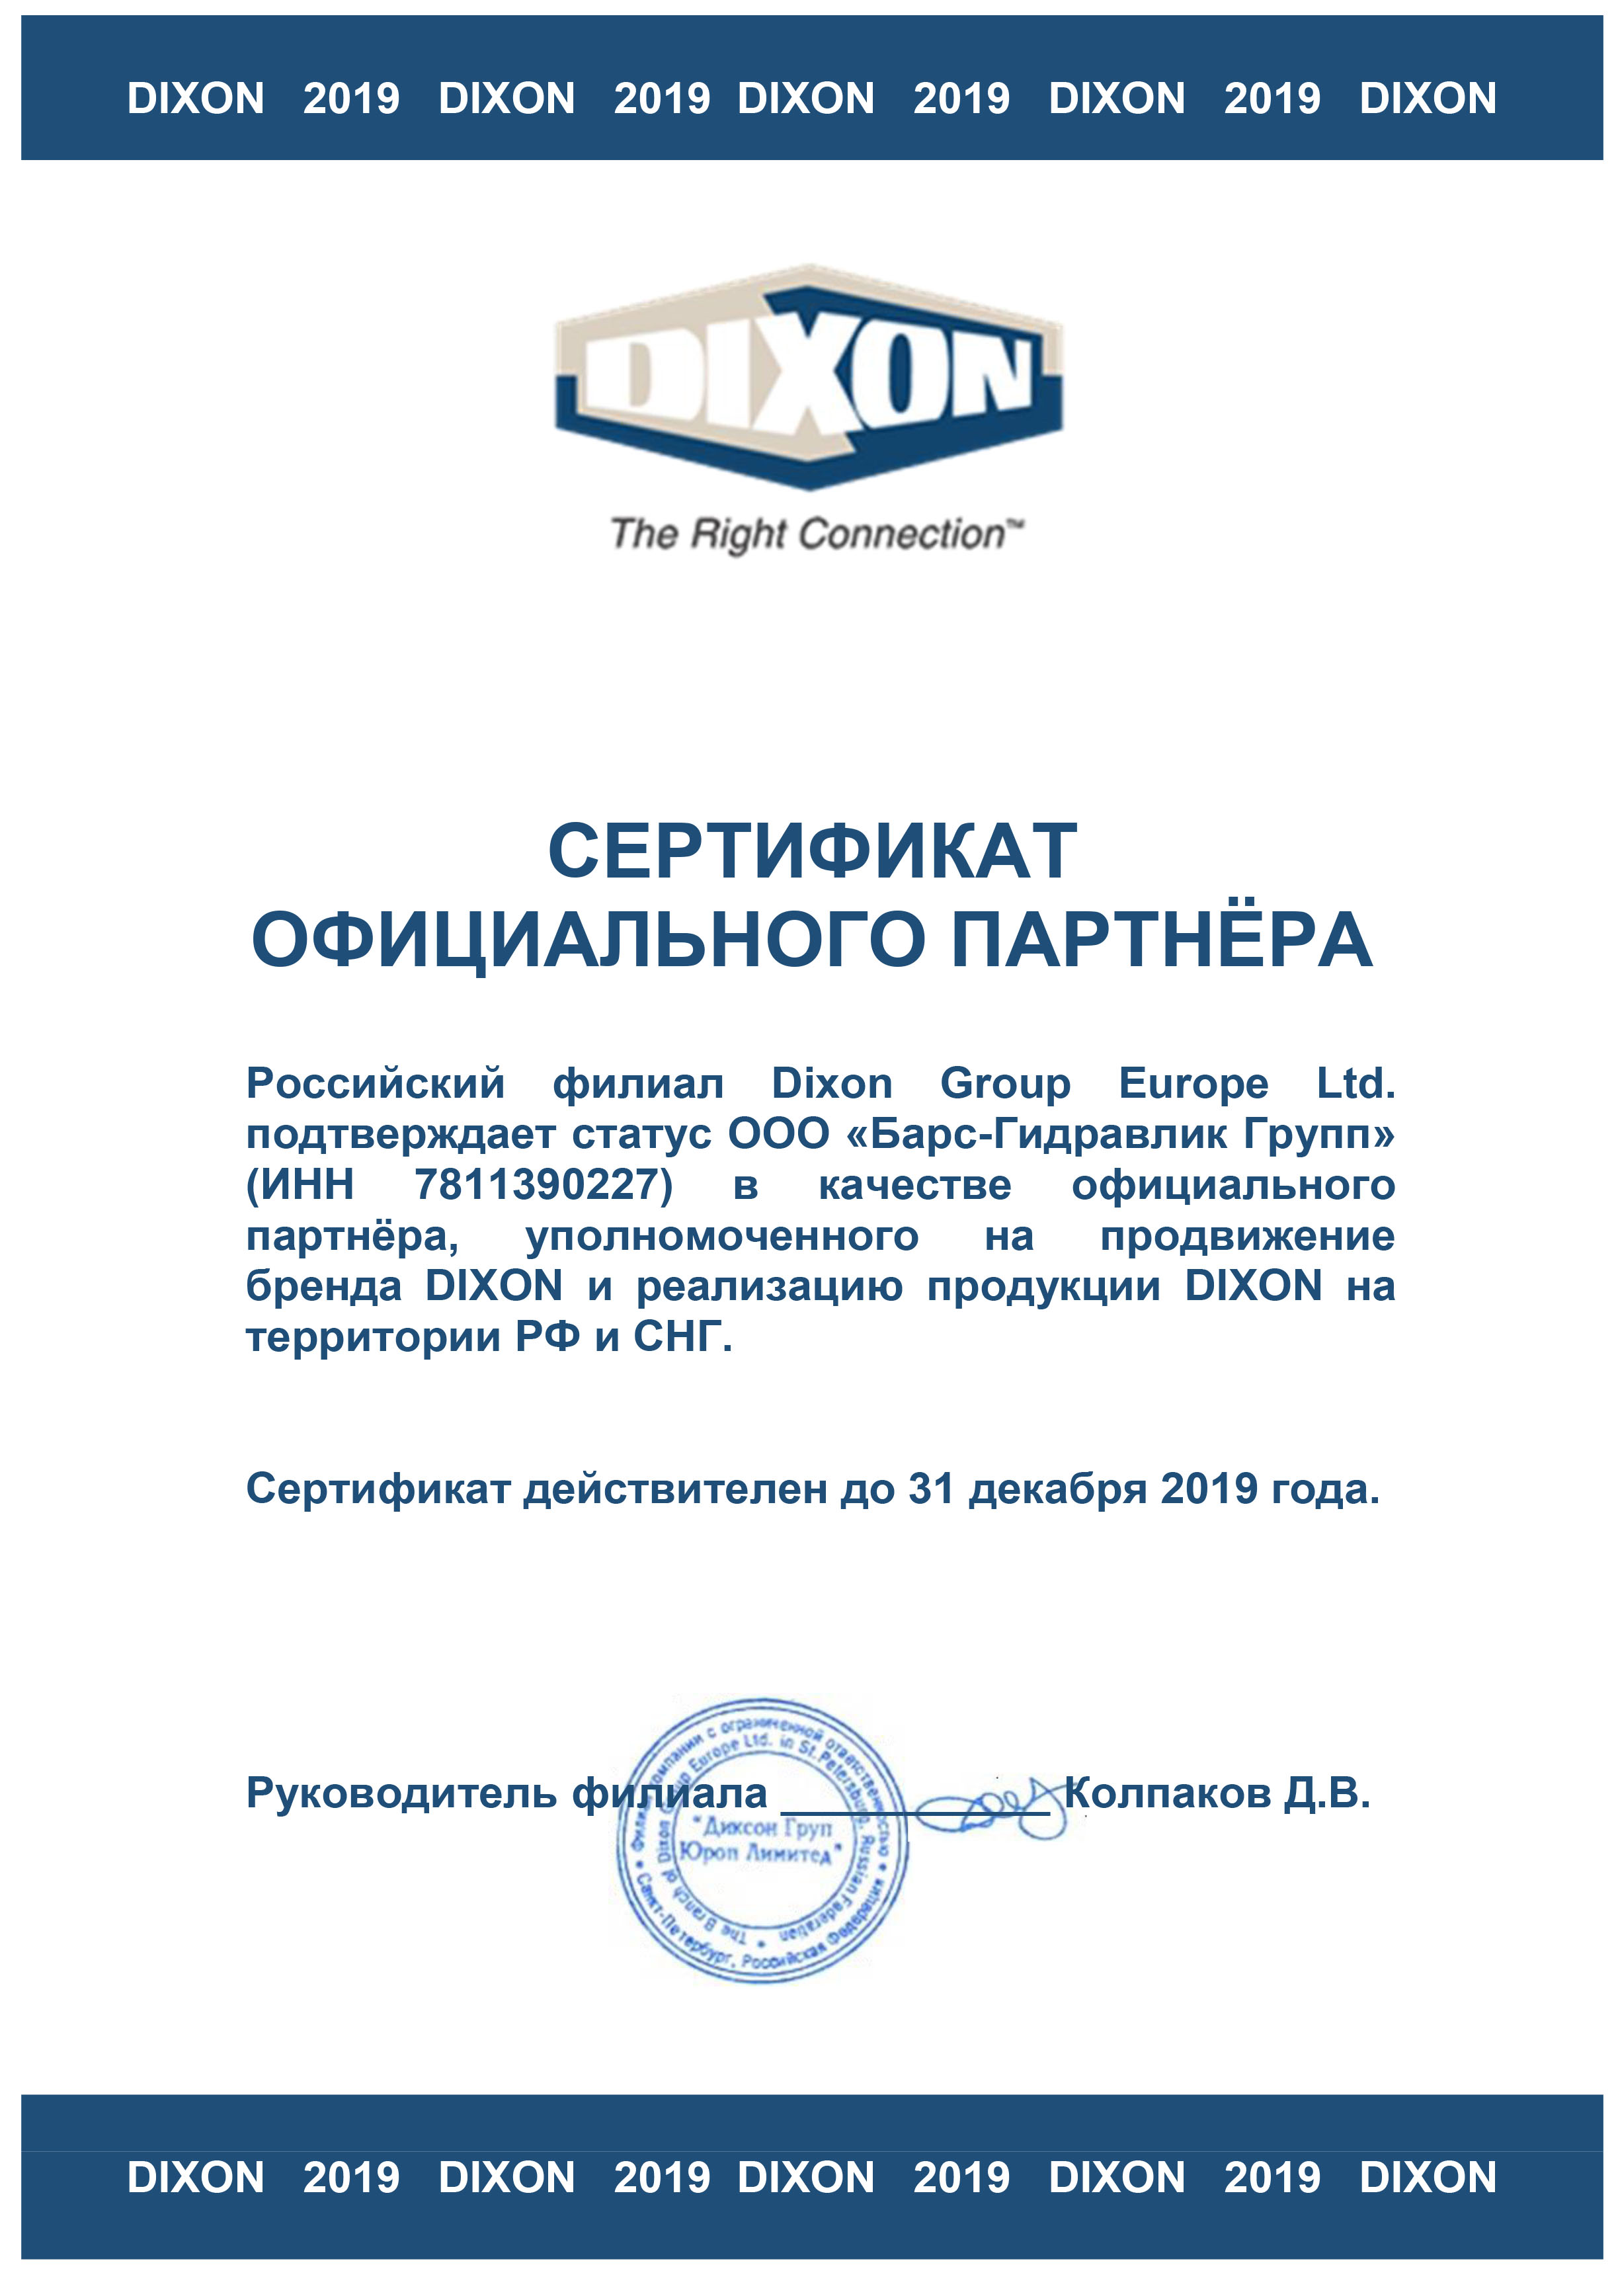 Сертификат DIXON